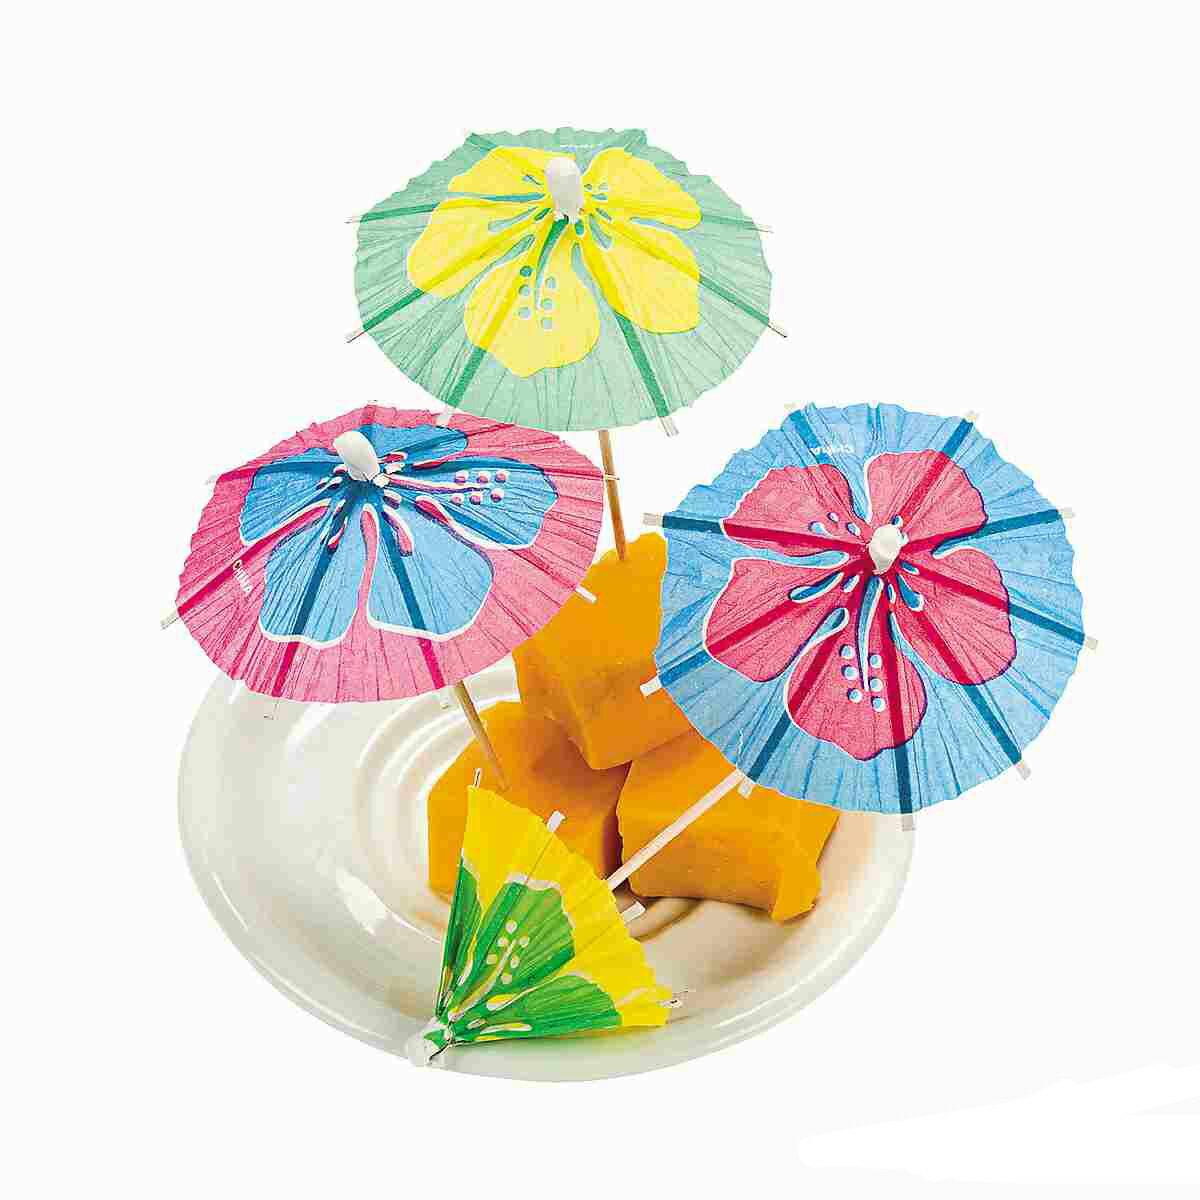 カクテルピック ハイビスカス 模様 ピック トロピカル ドリンク 飾り 楊枝傘 花 144本 飲み物 デザート